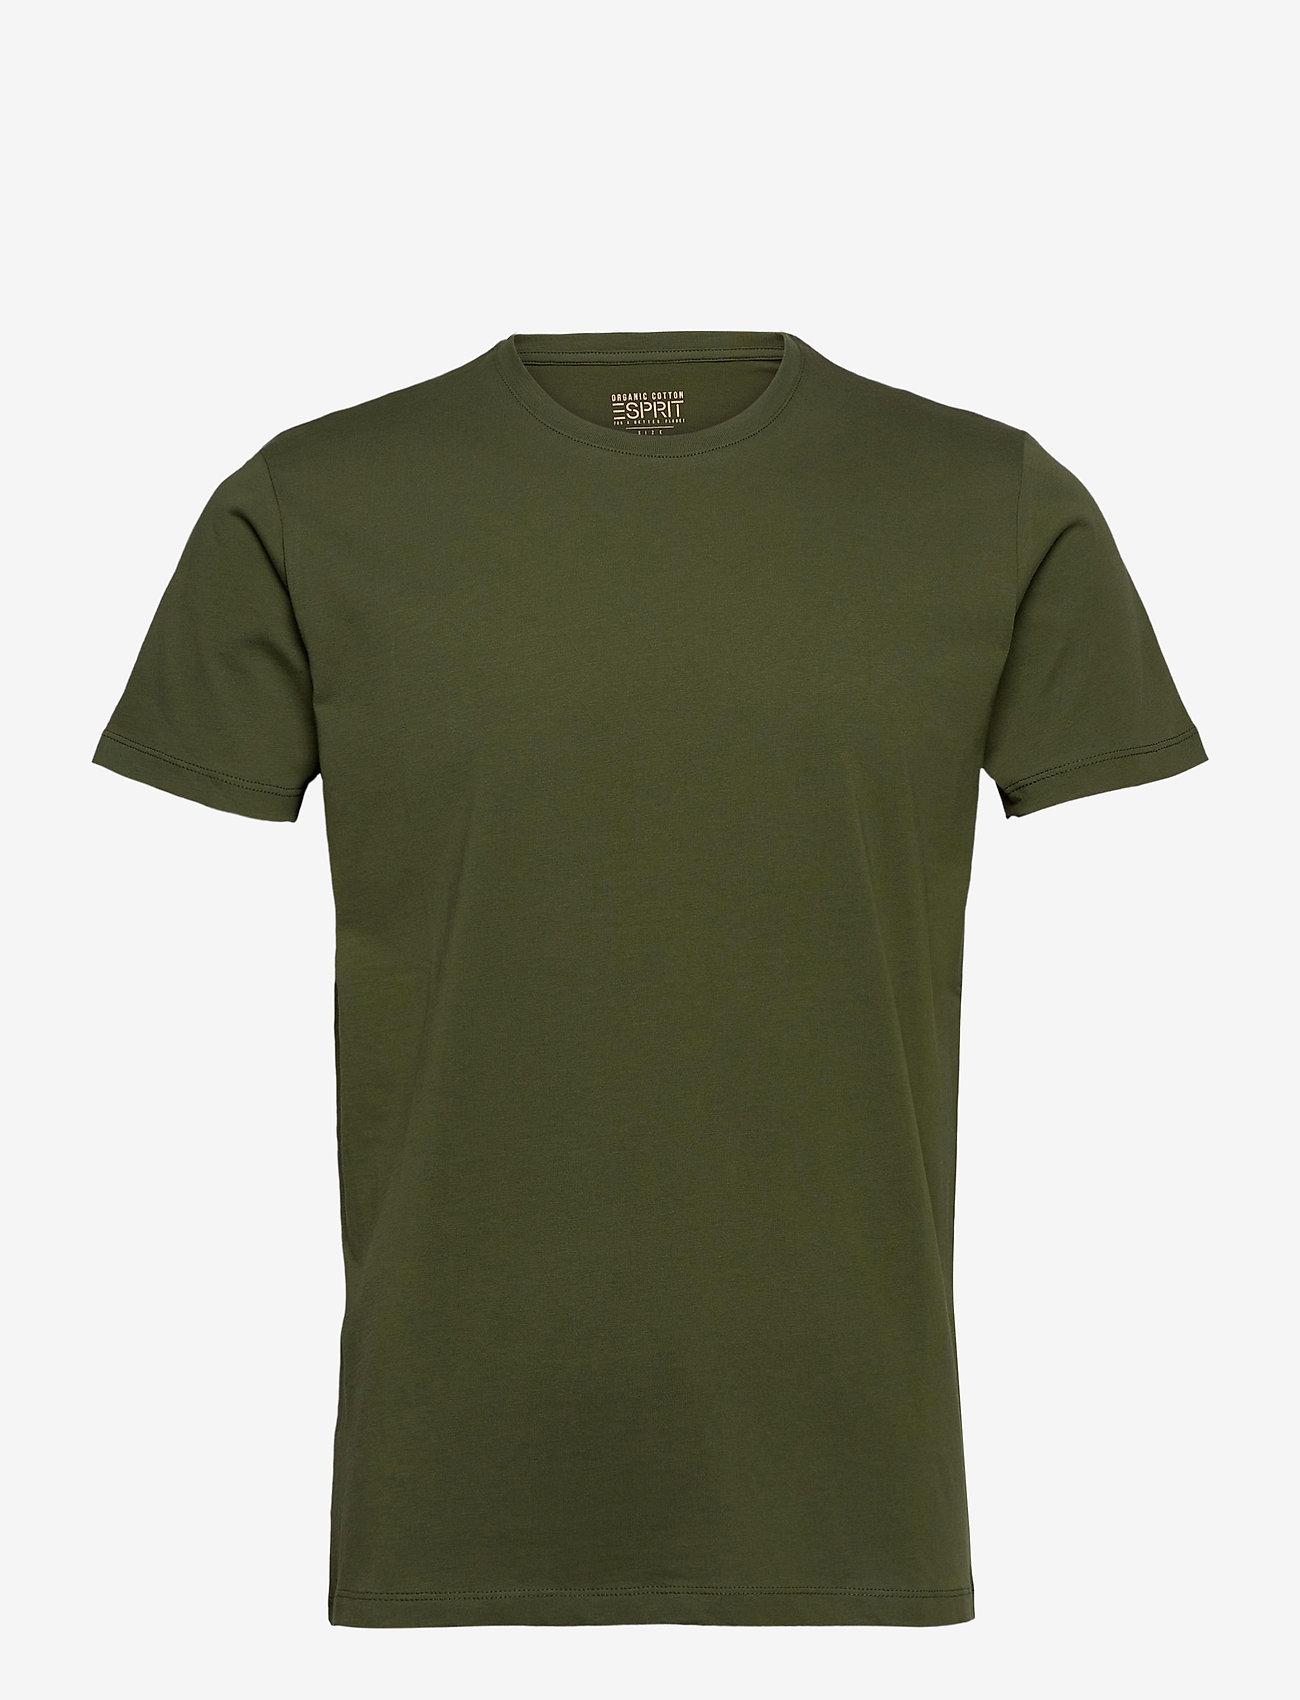 Esprit Casual - T-Shirts - t-shirts basiques - khaki green - 0